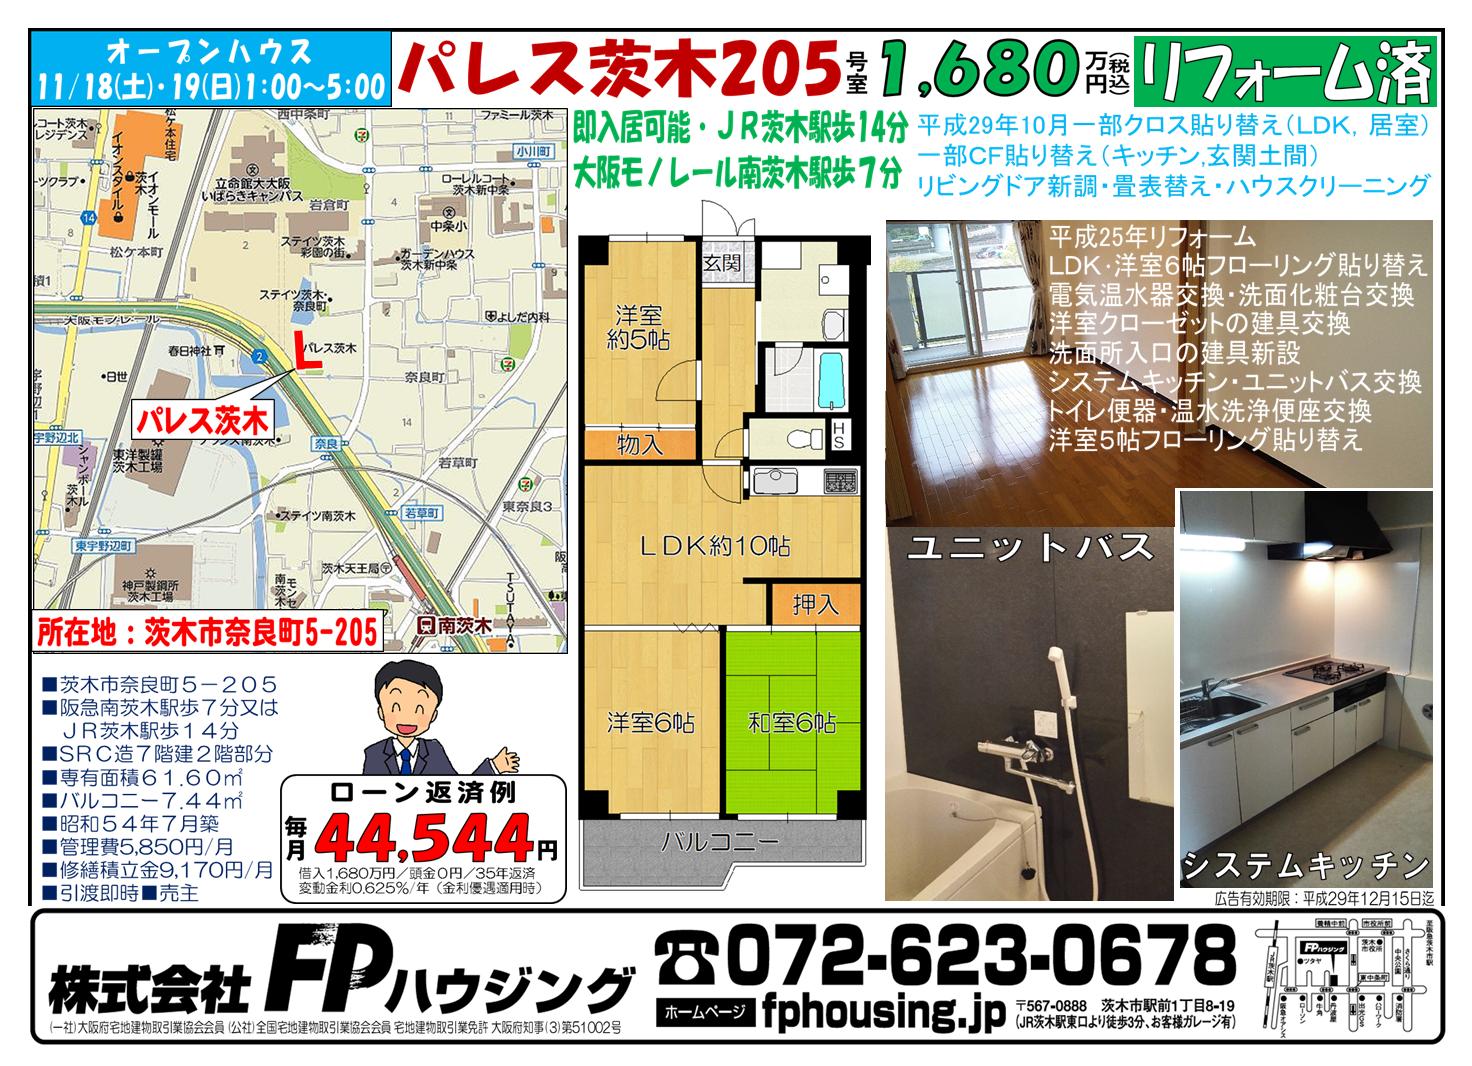 平成29年11月18日(土)オープンハウス広告チラシ